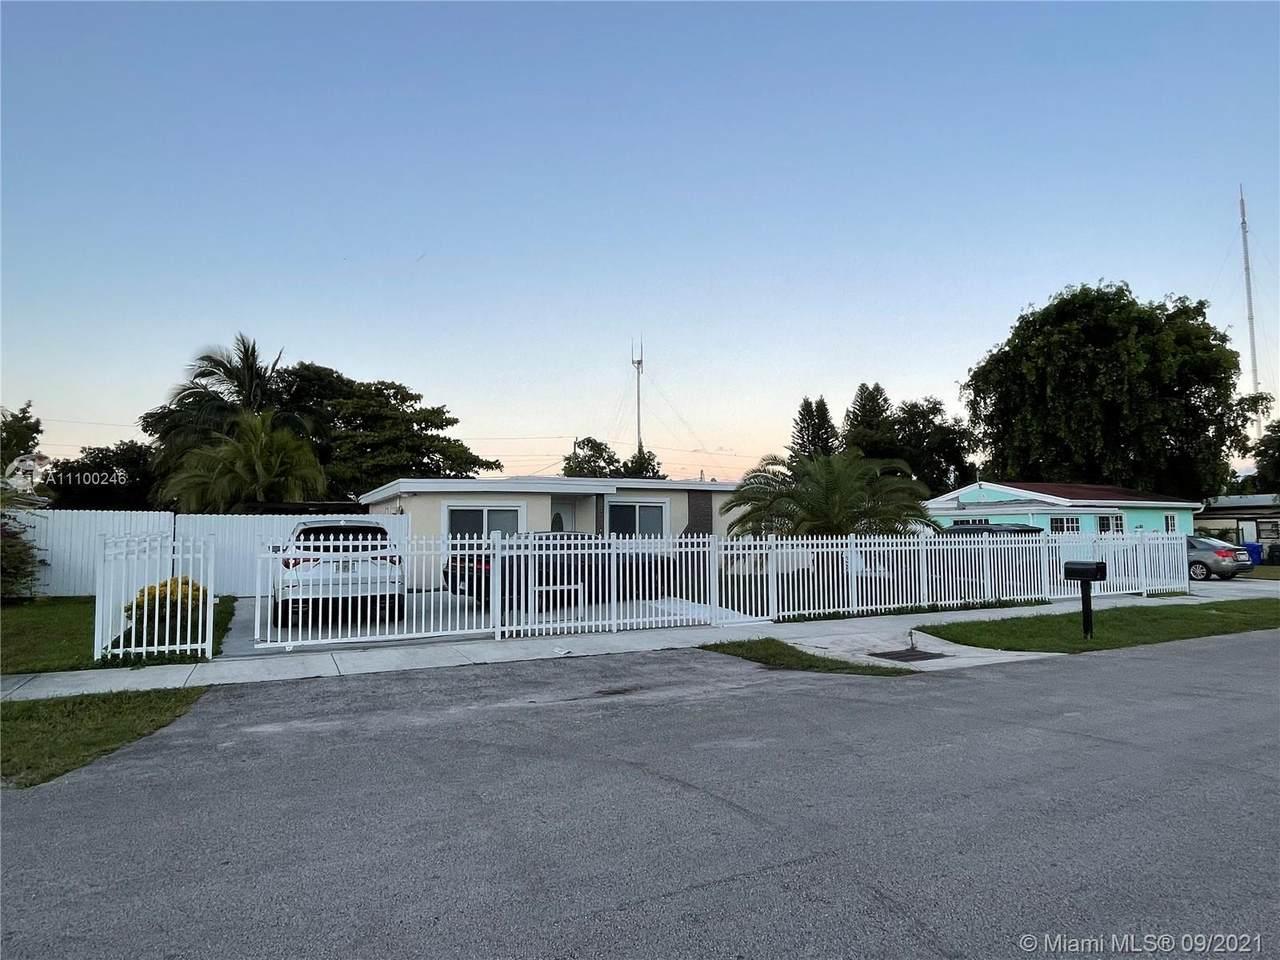 23 Miami Gardens Rd - Photo 1